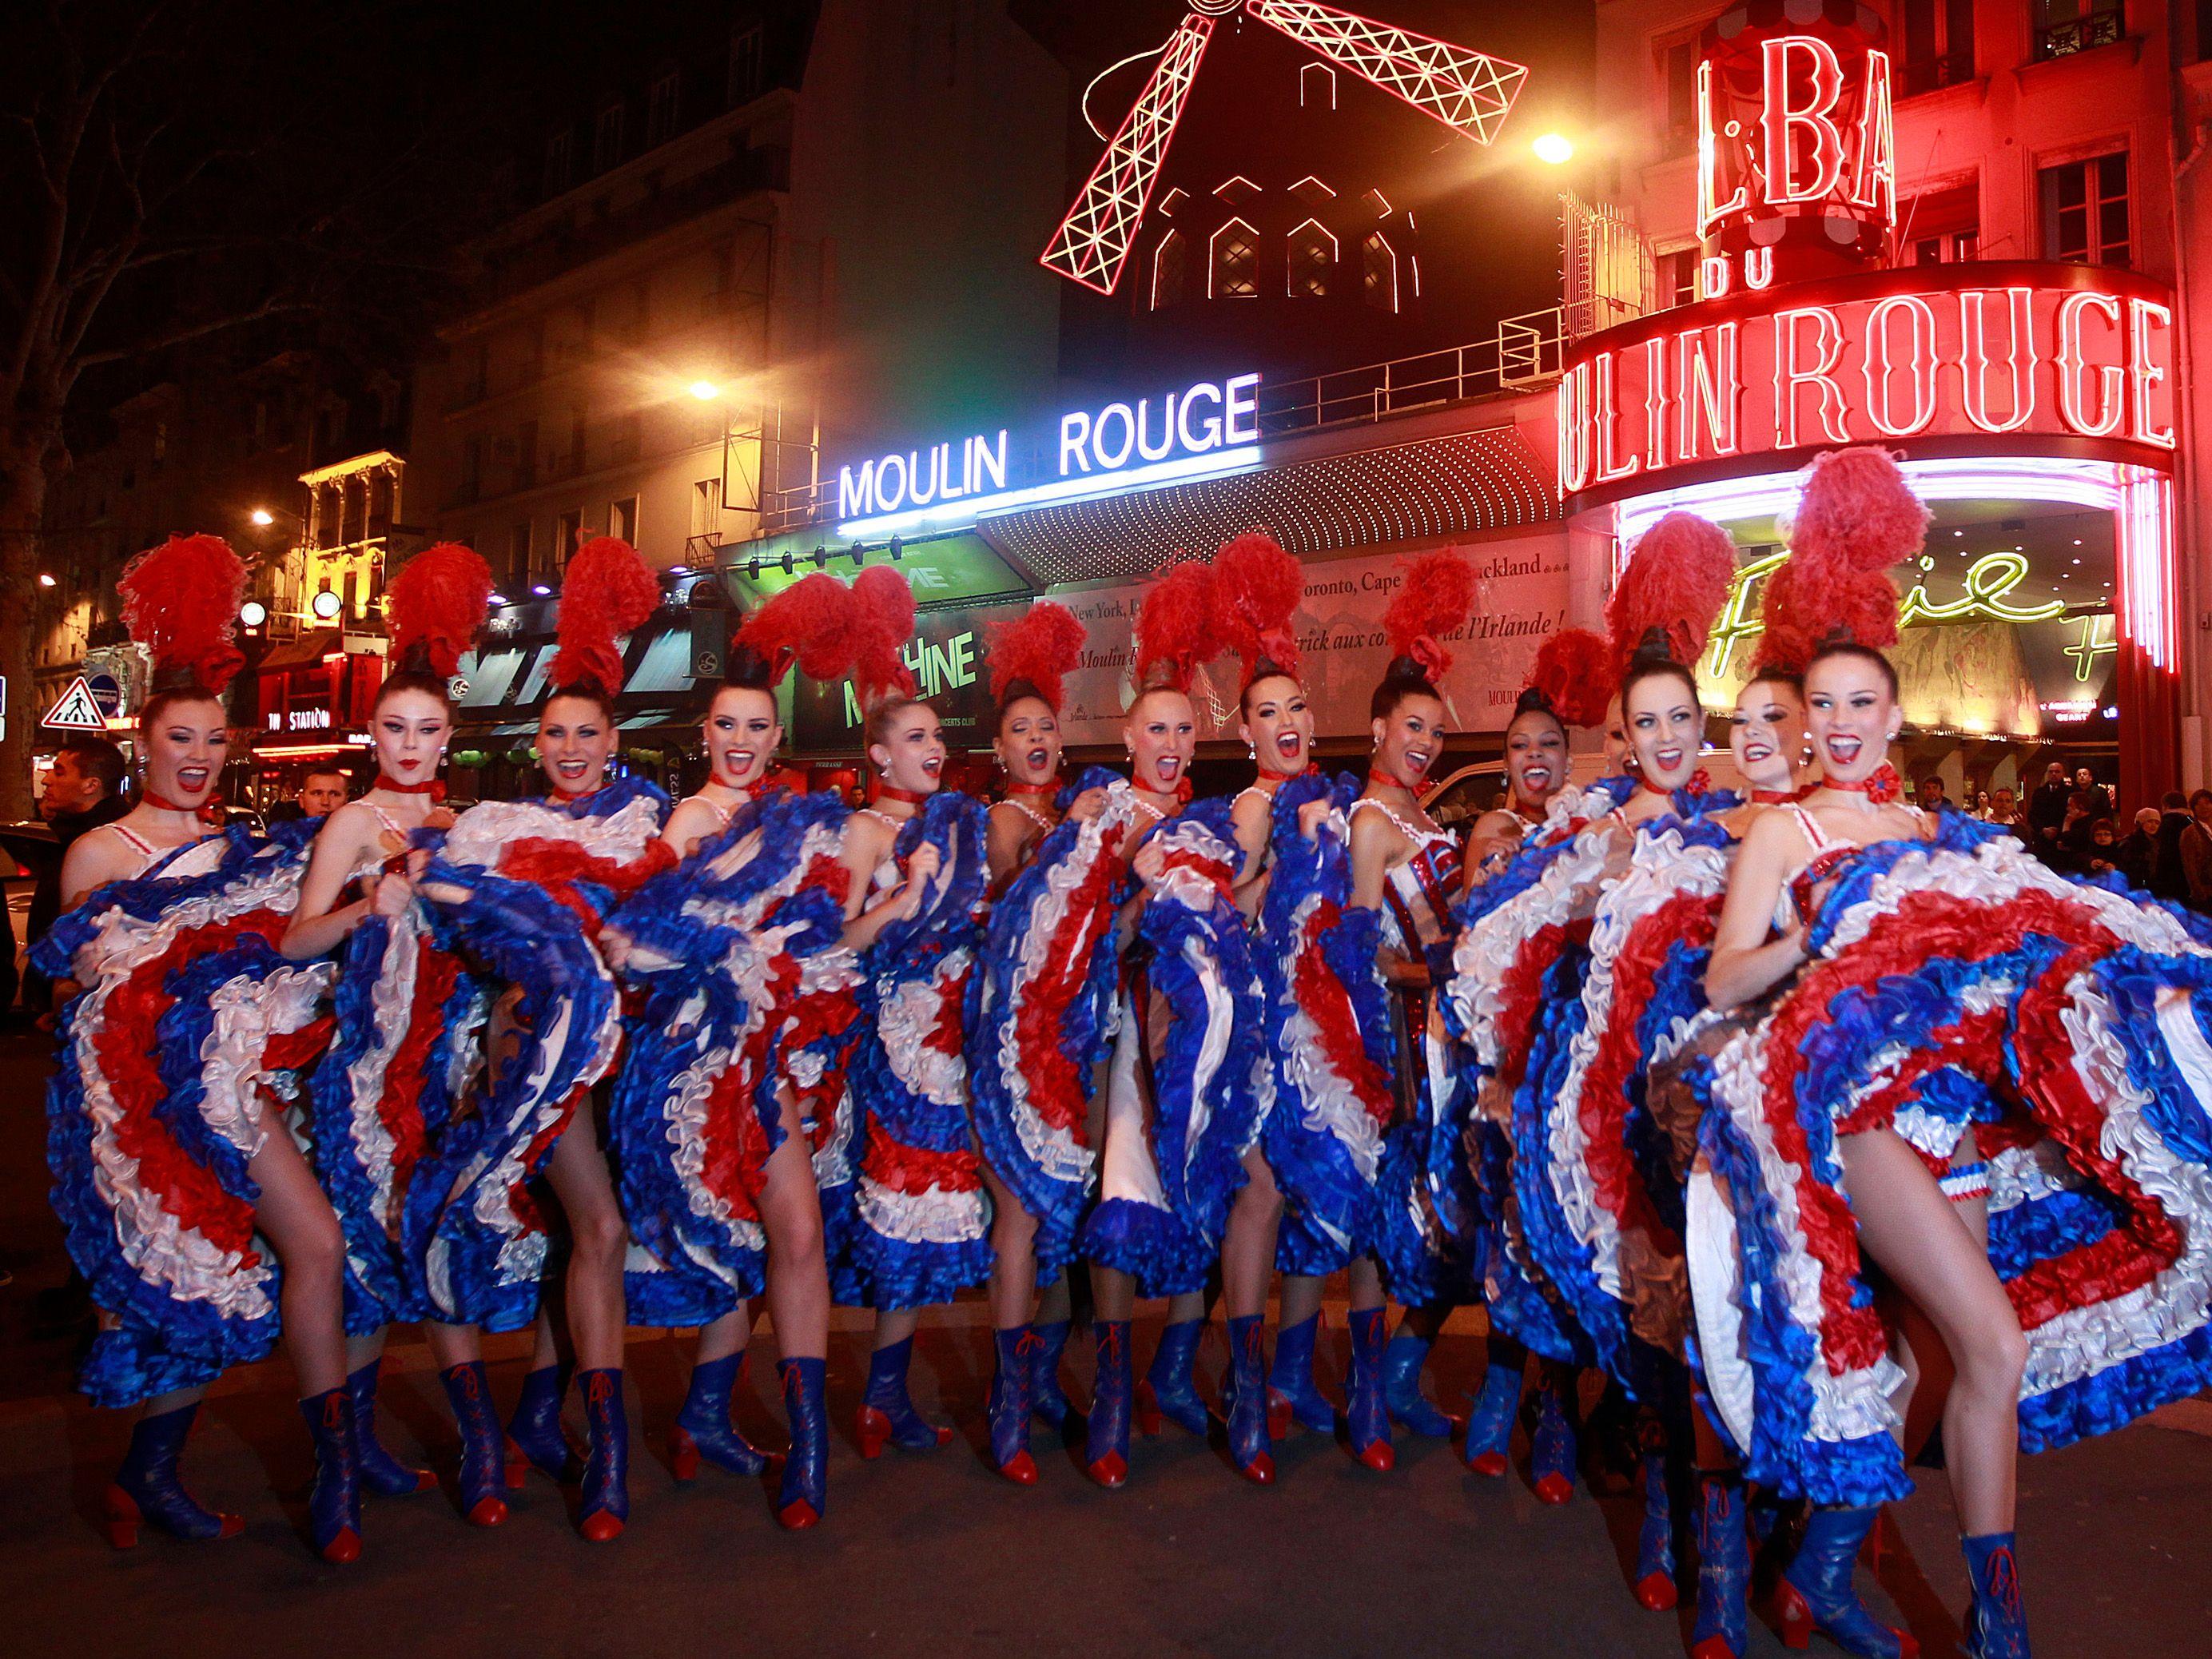 Nos artistes devant le moulin rouge en costume tricolore for French shows